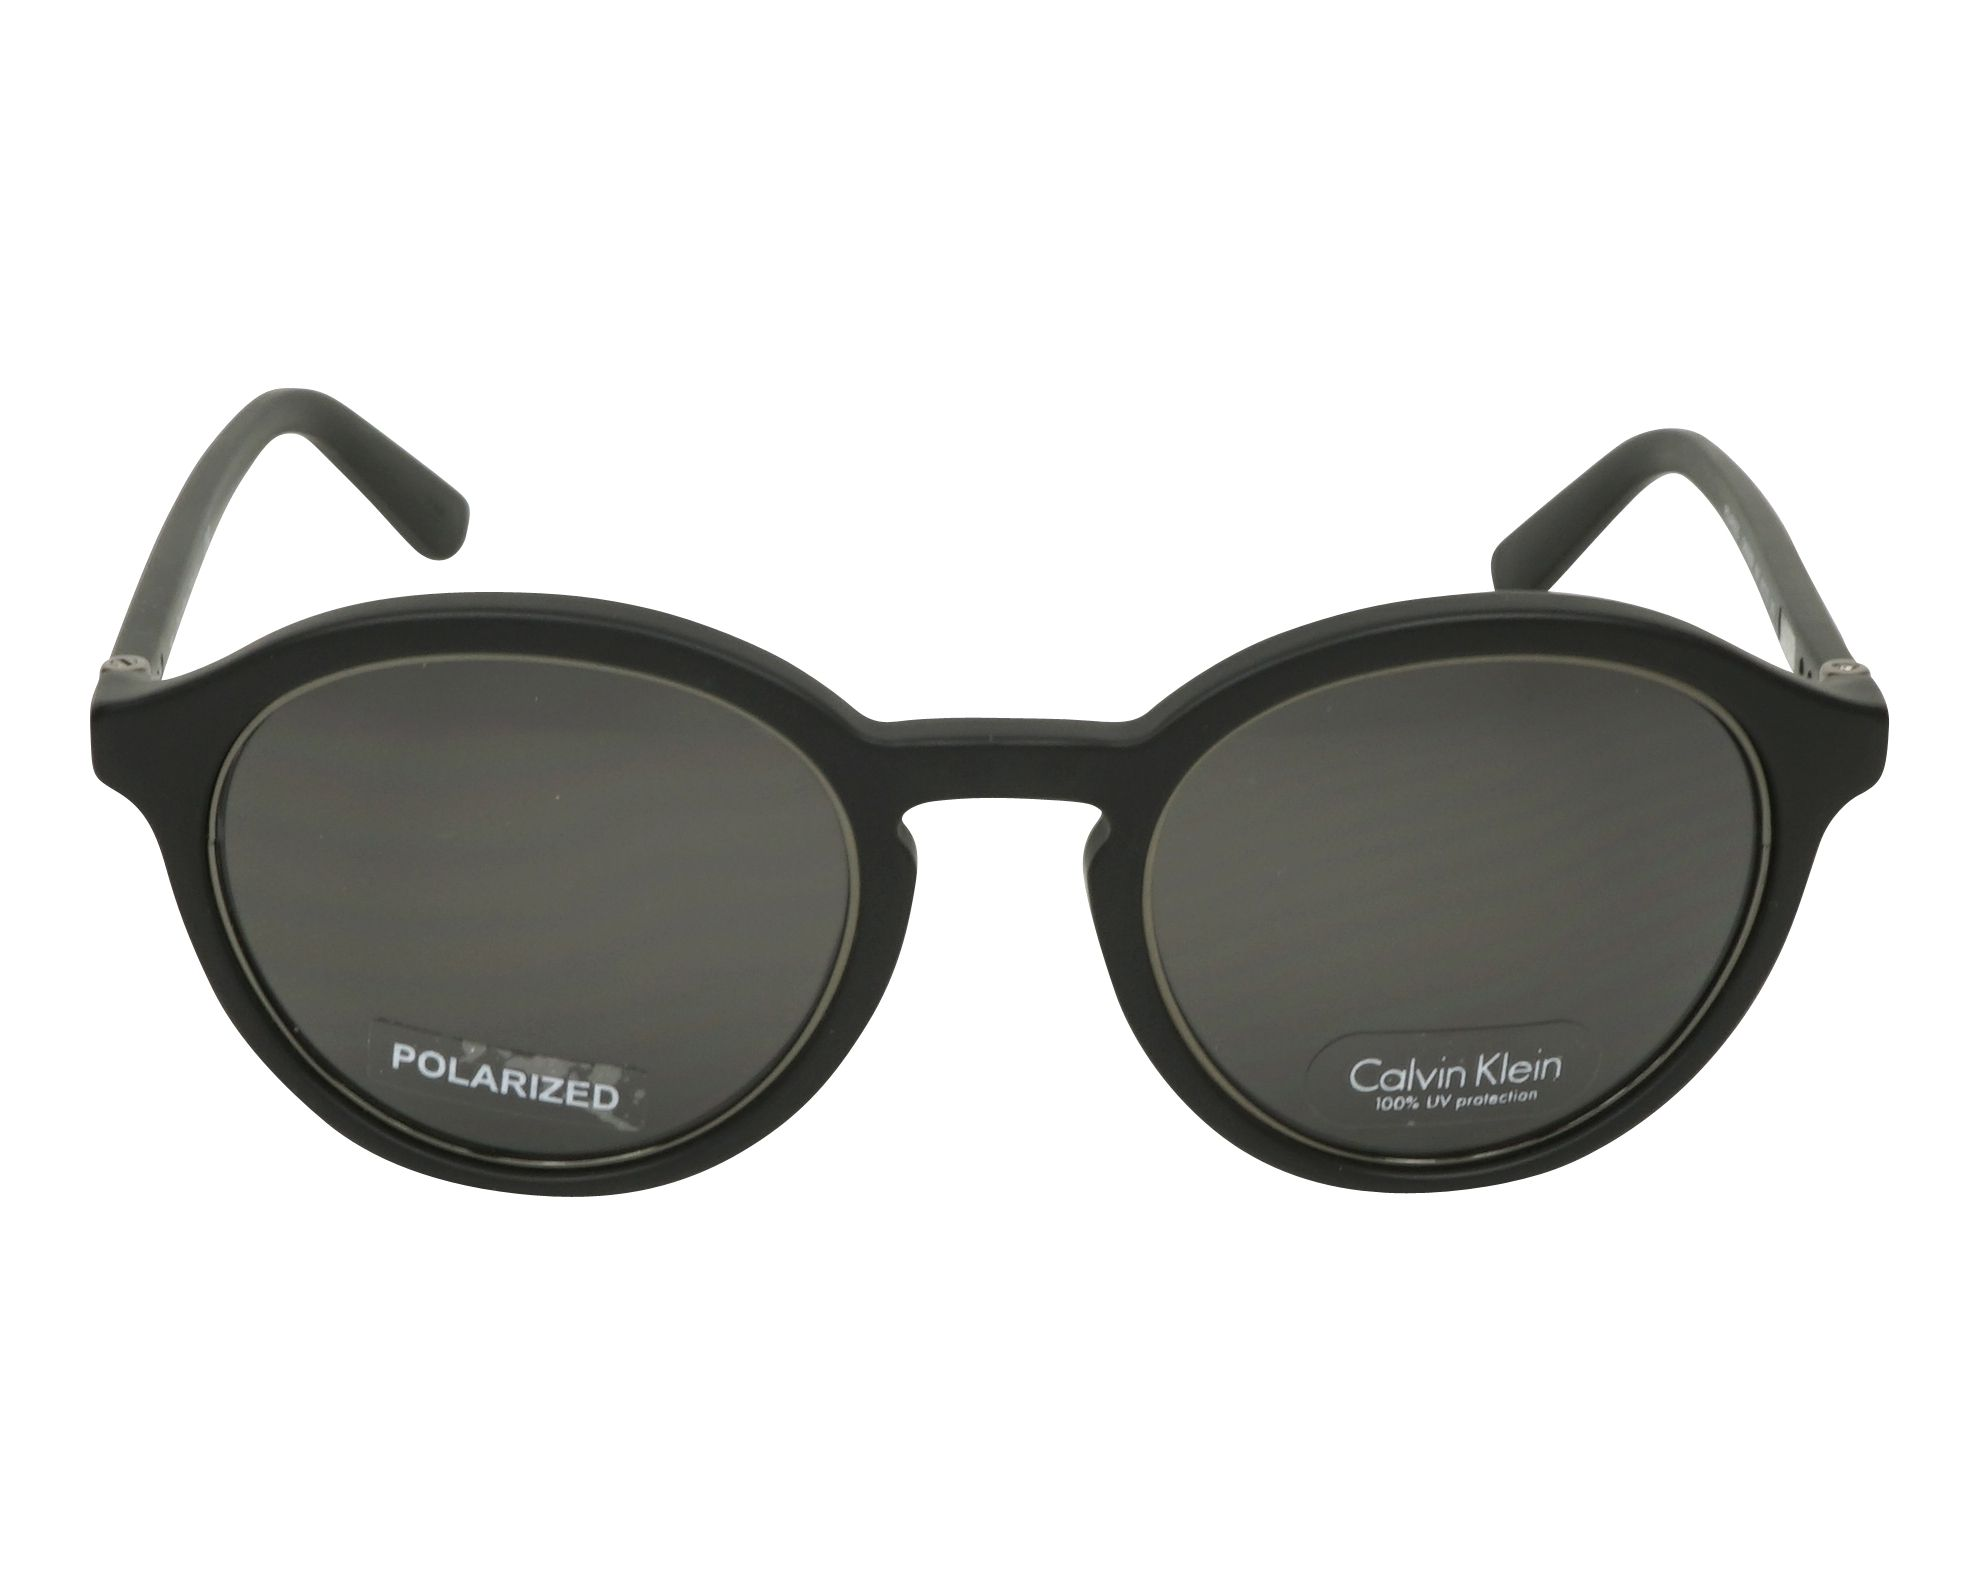 acheter des lunettes de soleil calvin klein ck 8503 s p 007 visionet. Black Bedroom Furniture Sets. Home Design Ideas